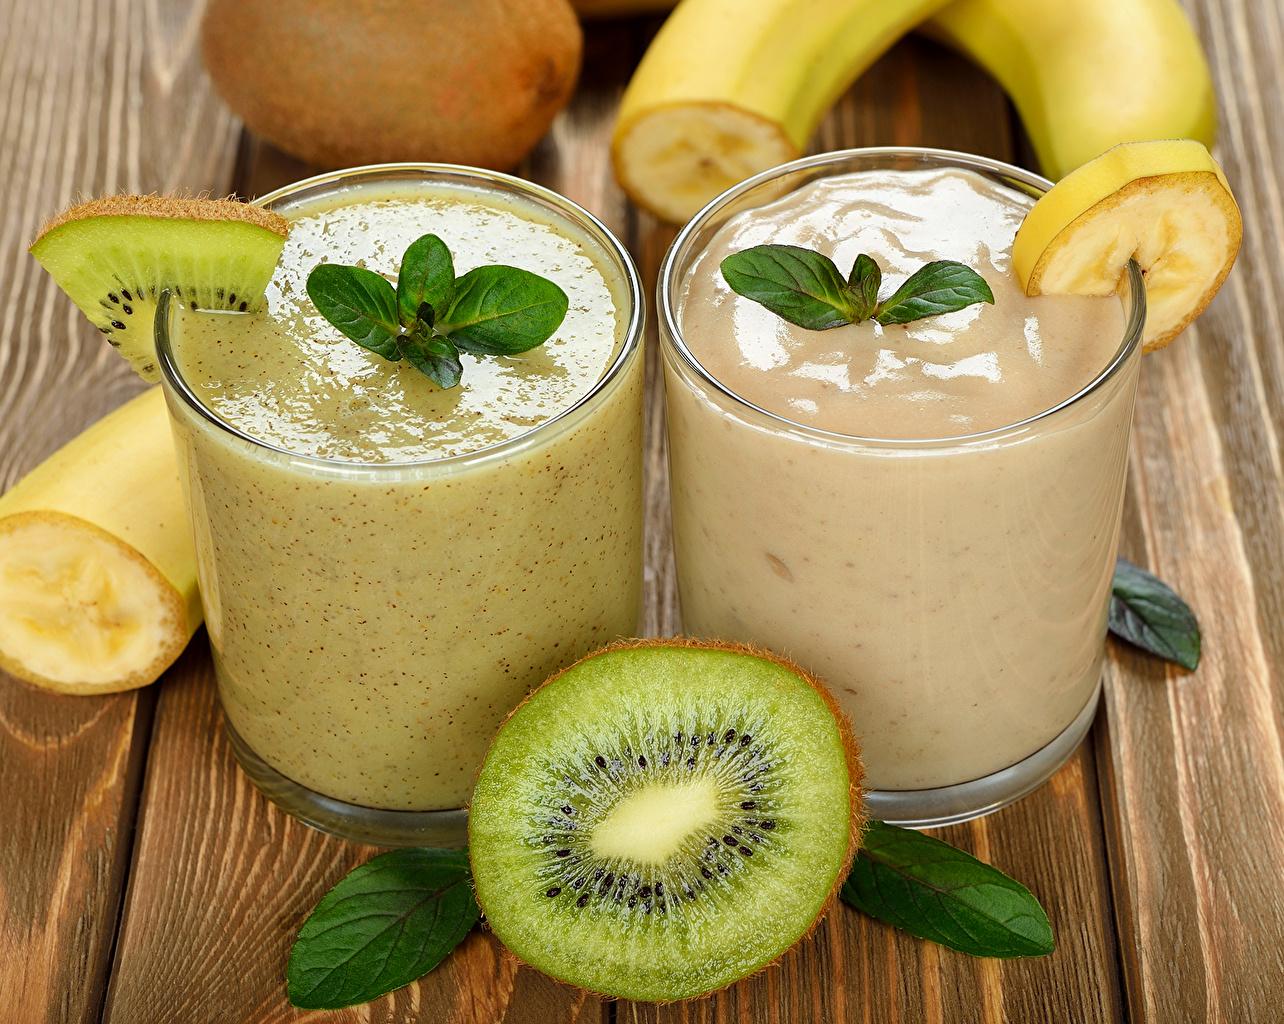 Картинки Киви Стакан Коктейль Продукты питания напиток стакана стакане Еда Пища Напитки